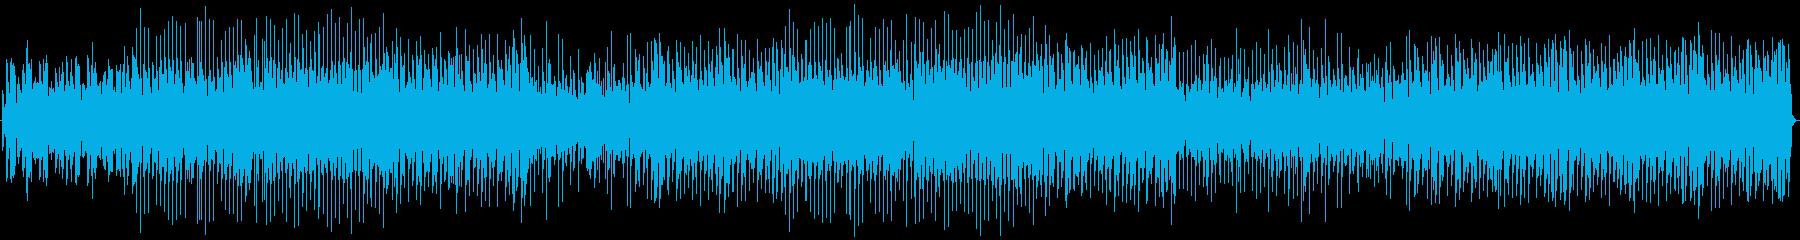 ギター、エレクトリックピアノ、ドラ...の再生済みの波形